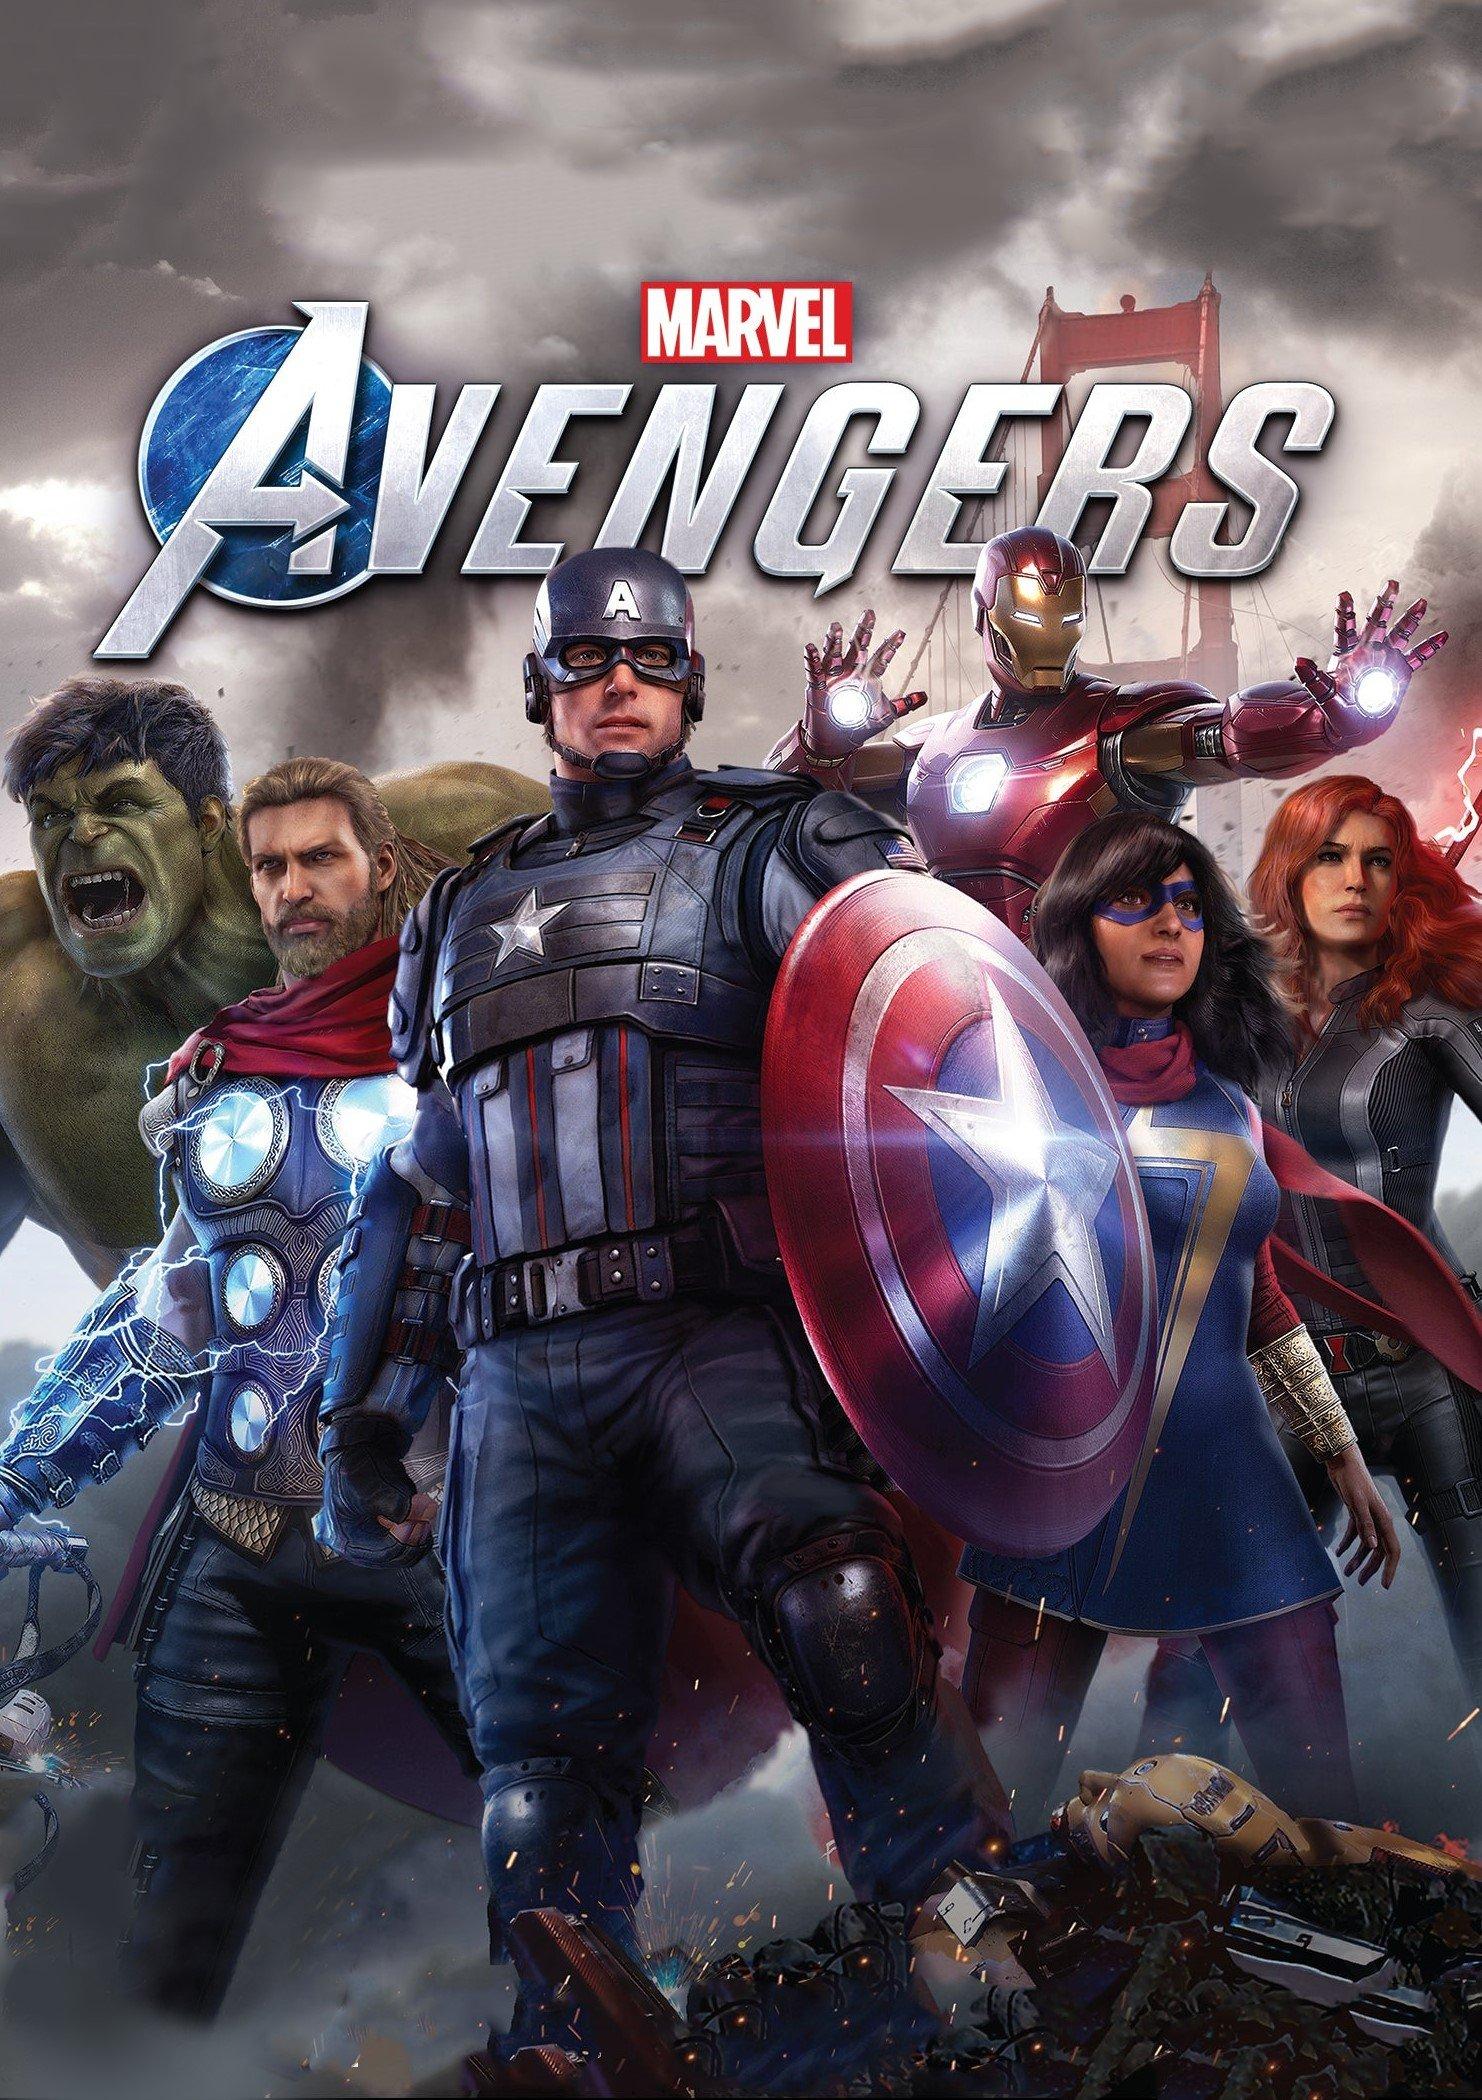 Marvel's Avengers - Deluxe Edition v.1.3 (2020) RePack от R.G. Механики (2020)